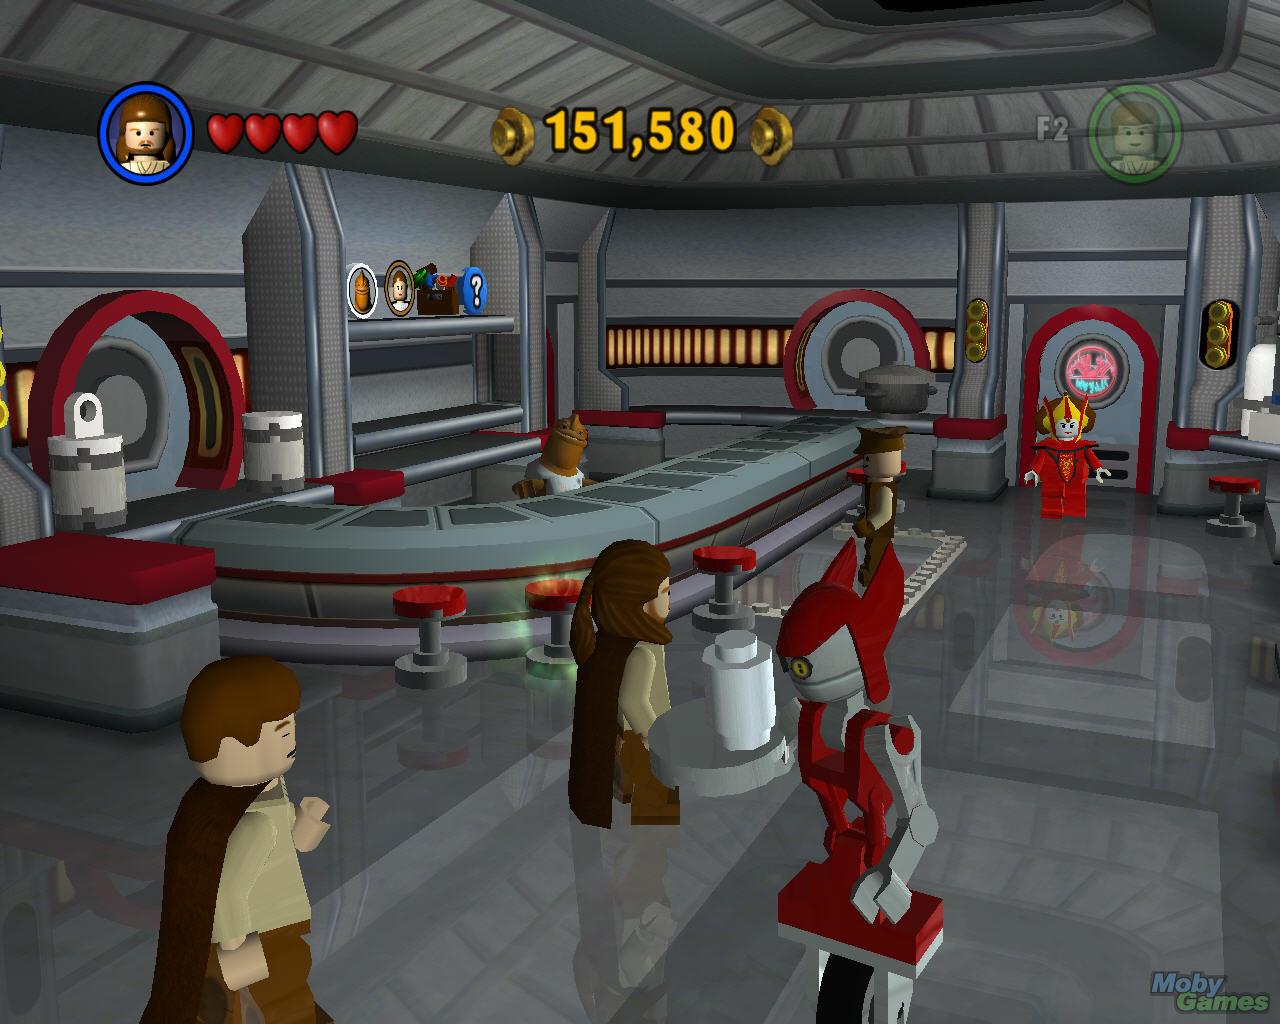 Игра звездные войны для windows 7 игры губка боб драки бикини боттом